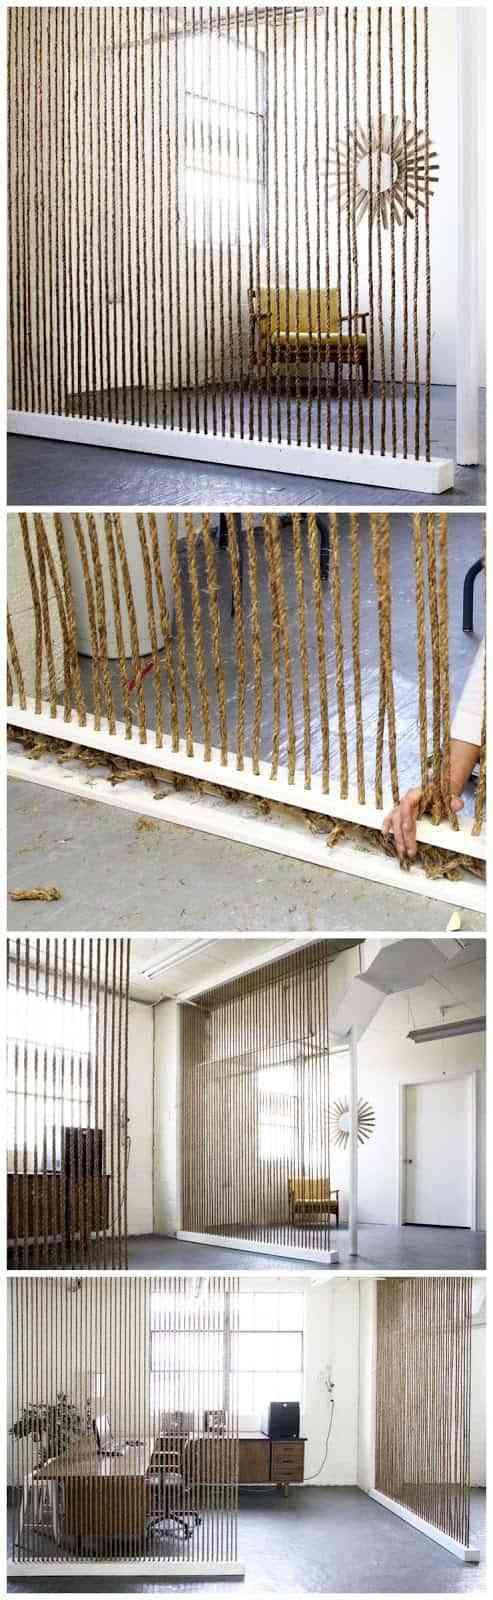 paredes de cuerda para separar espacios